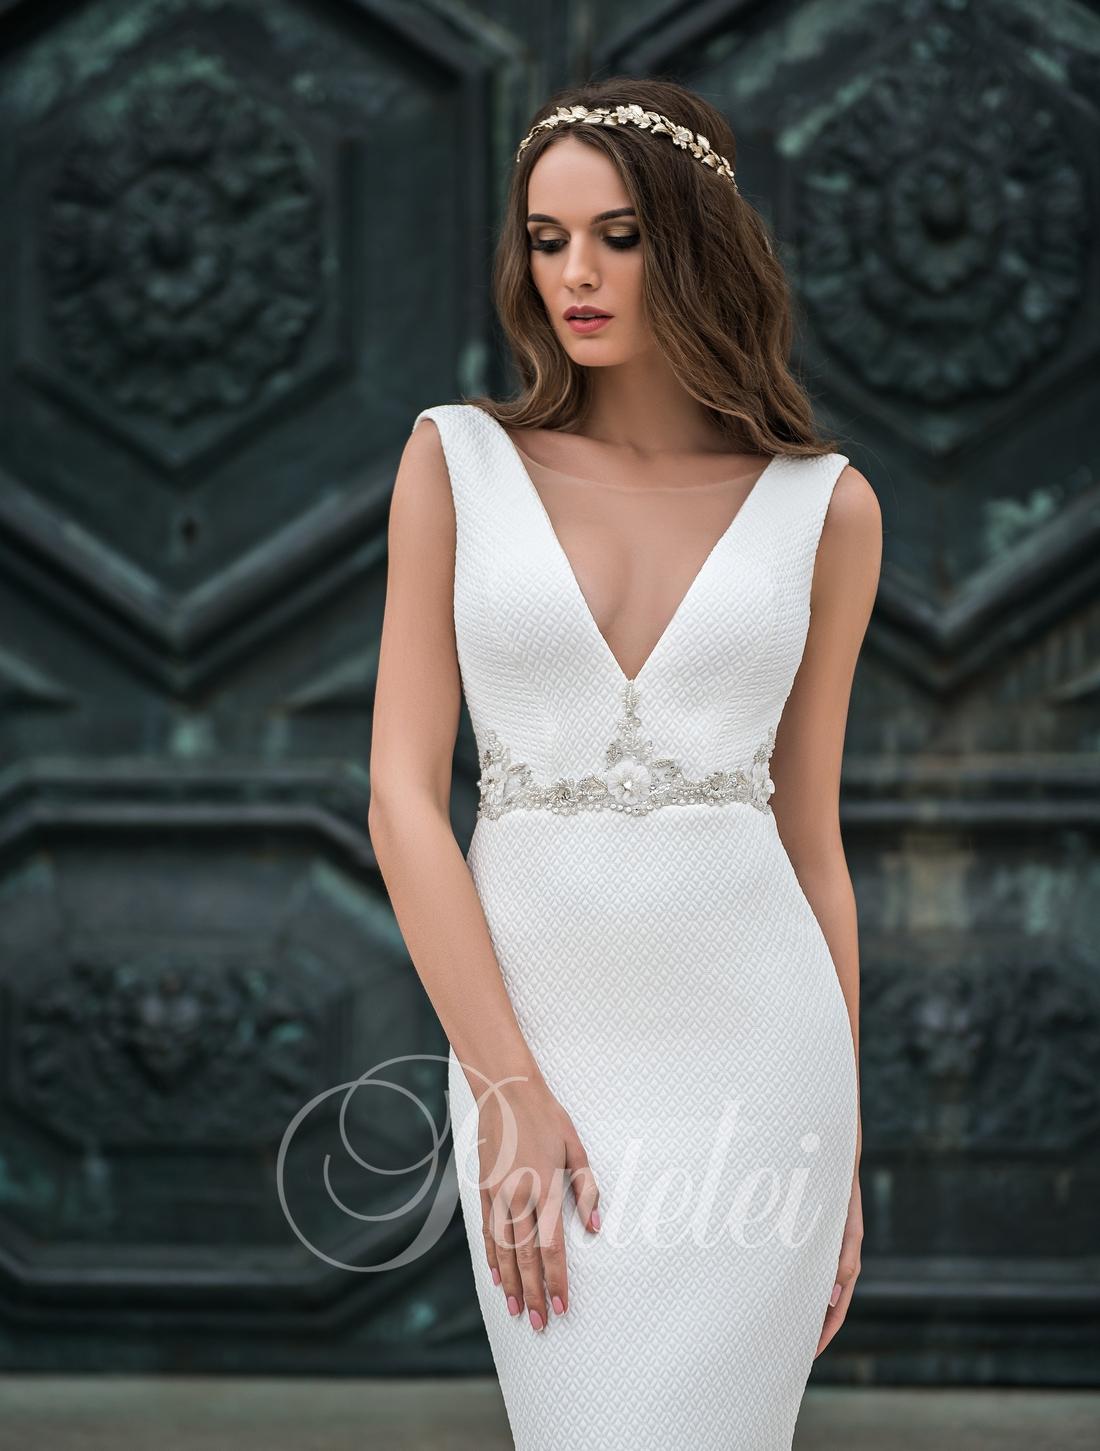 Элегантное свадебное платье фото